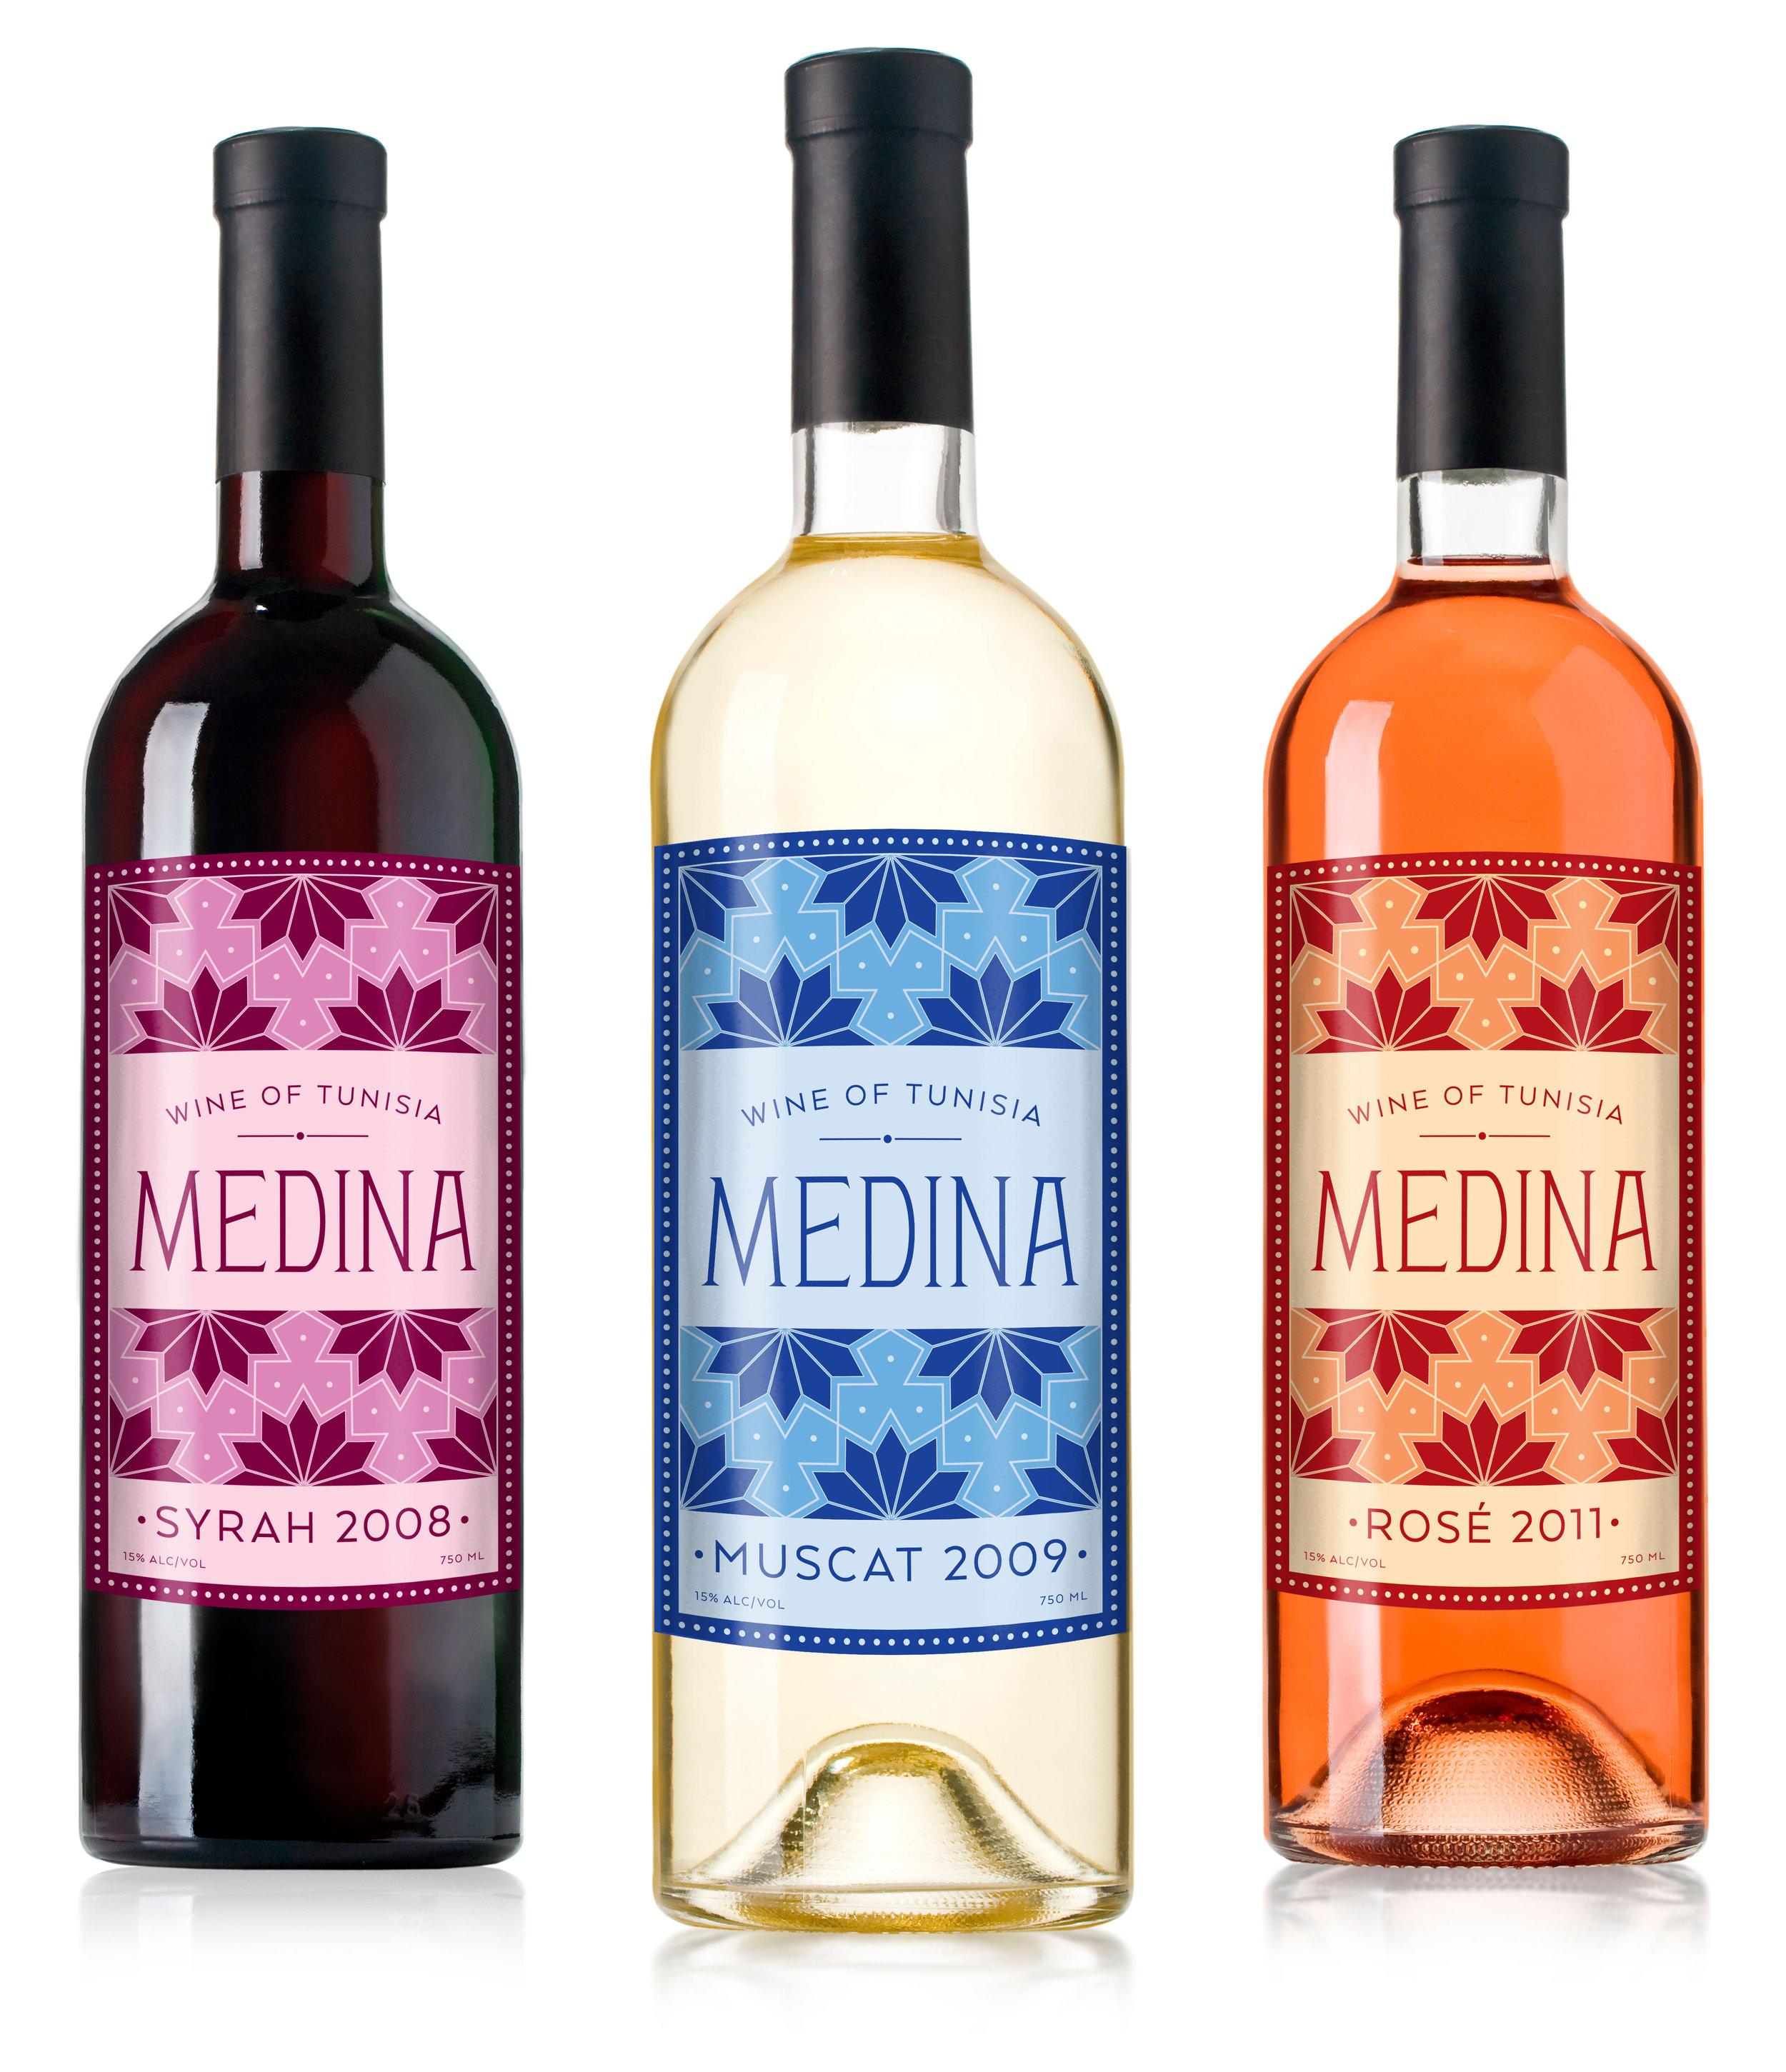 прибор серое тунисское вино фото запросу